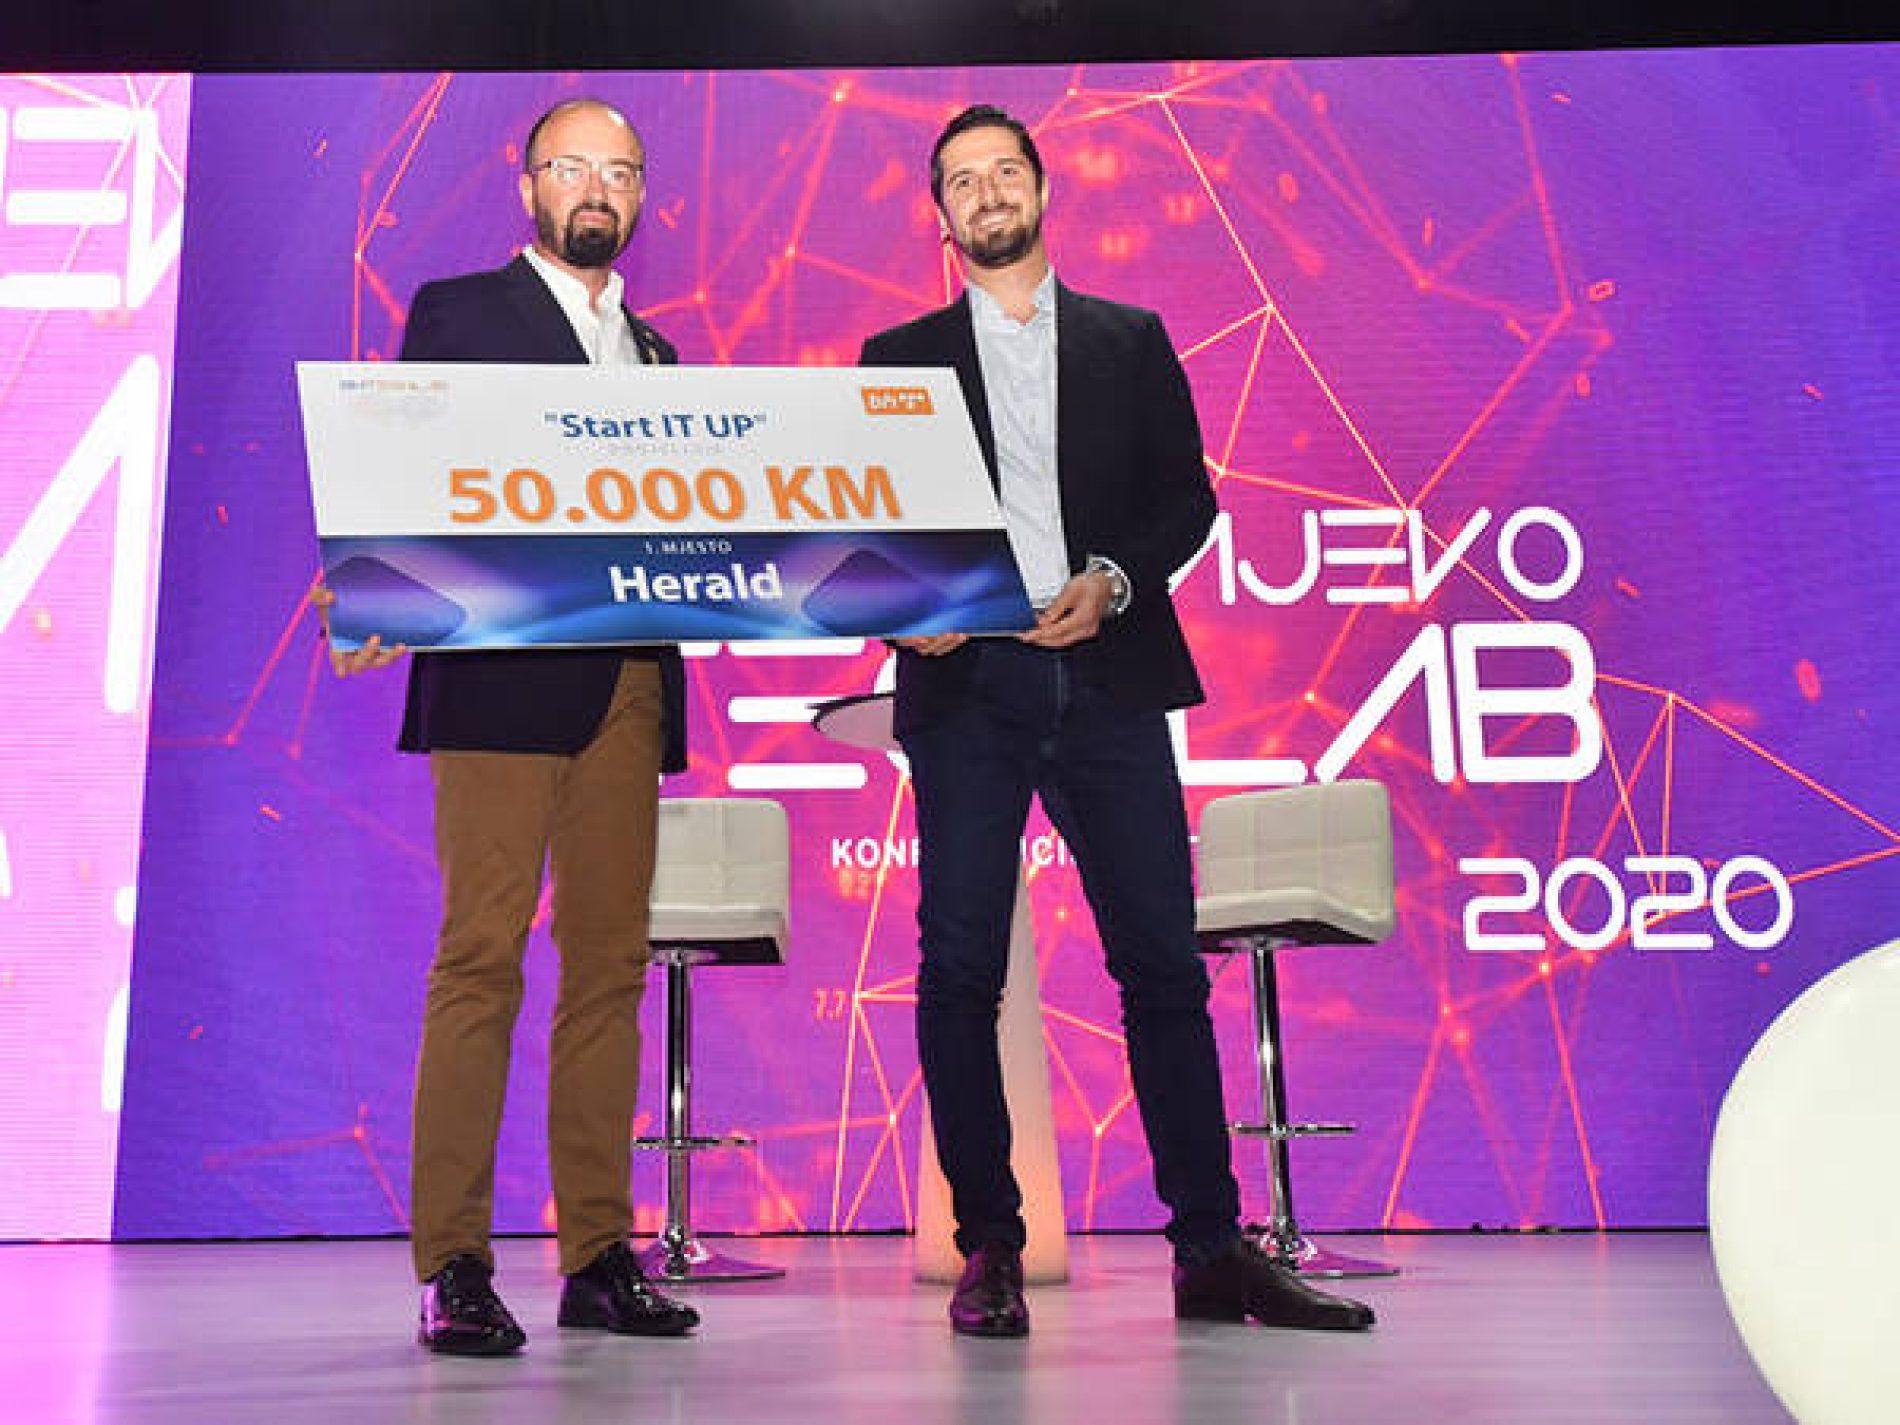 BH Telecom – pobjednicima javnog poziva Start It Up dodijeljeno 100.000 BAM